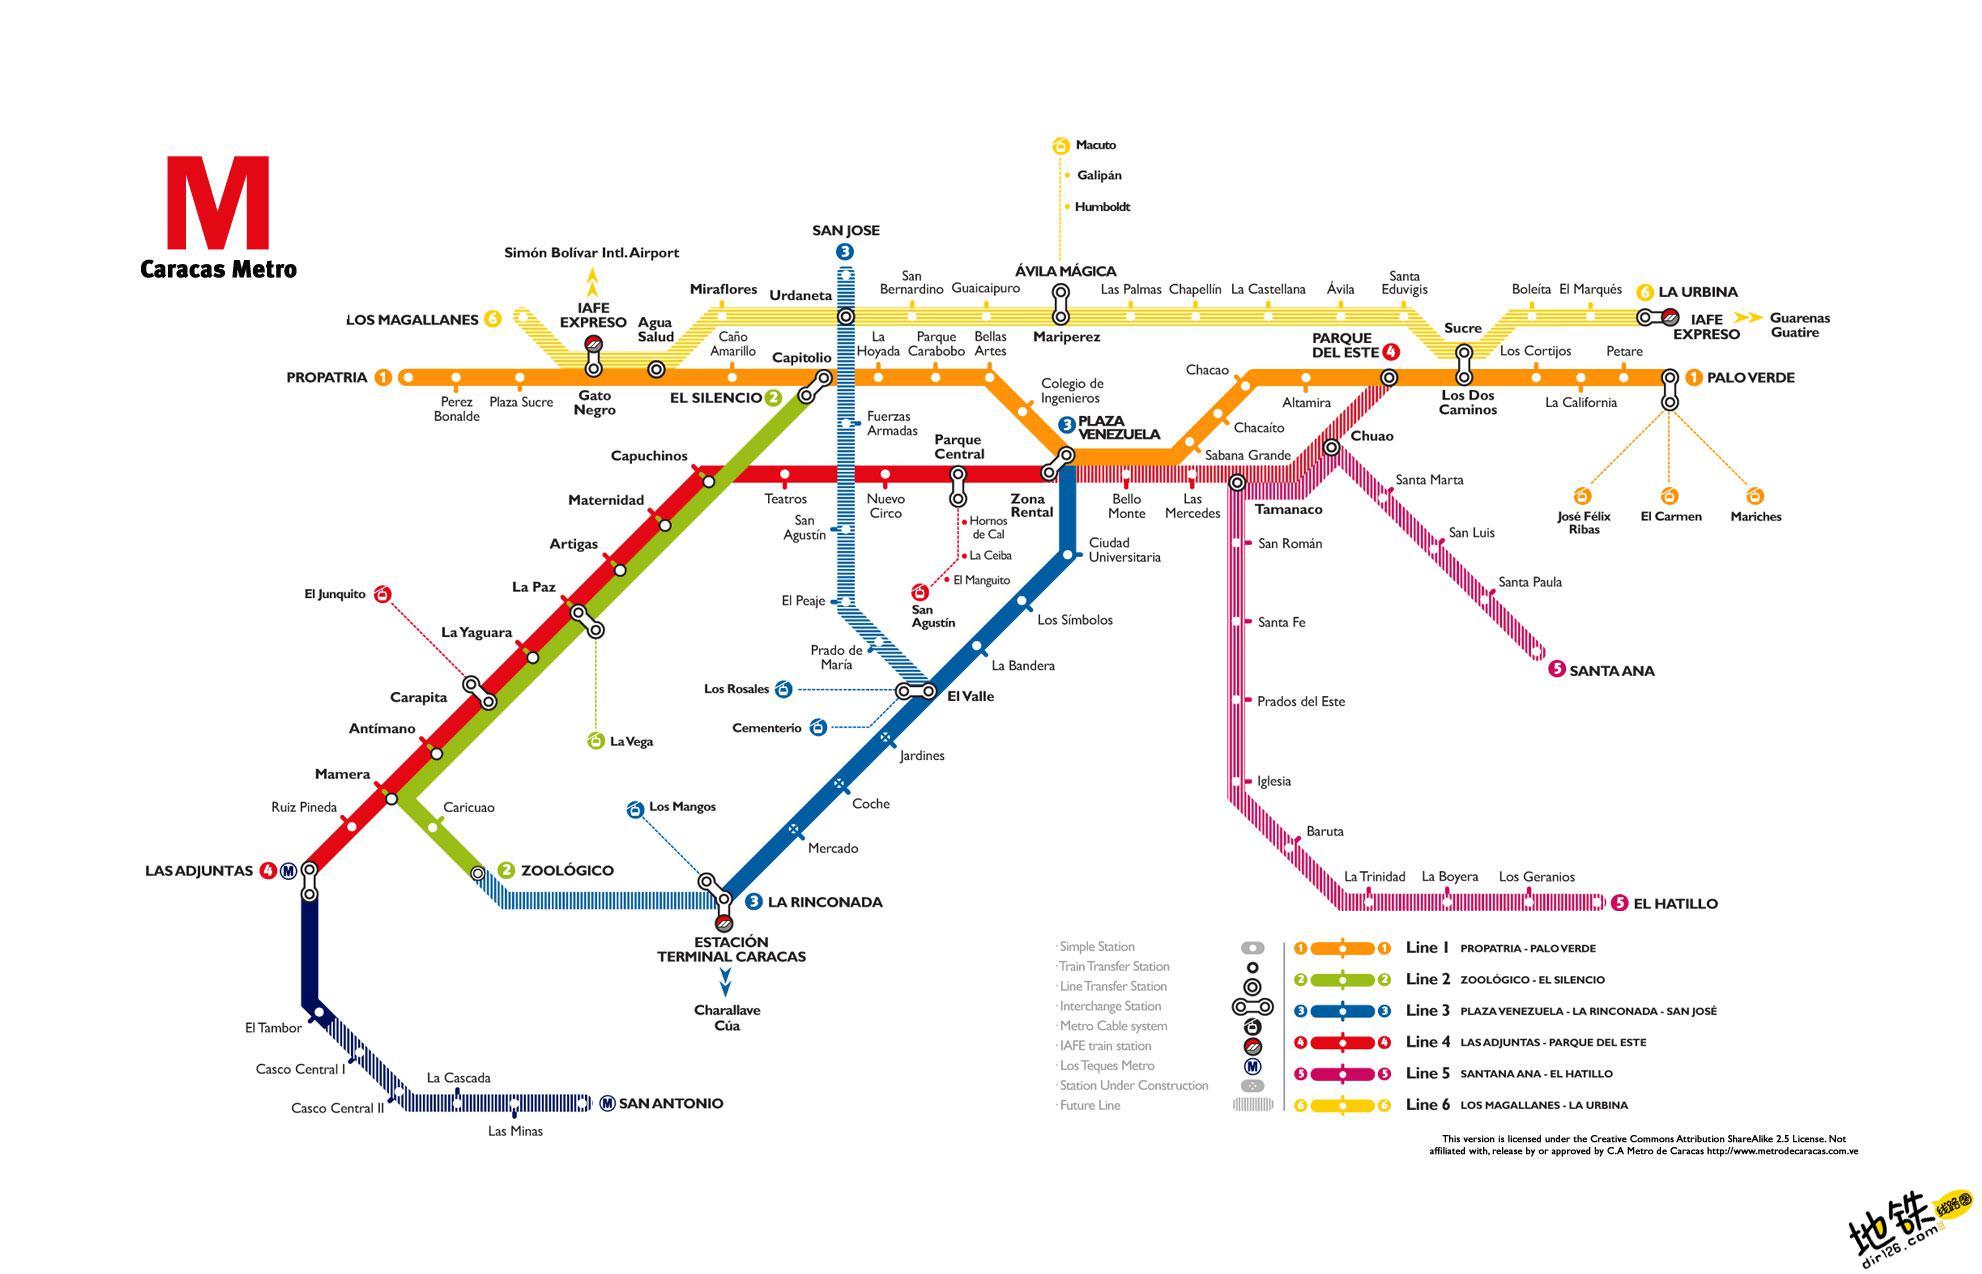 委内瑞拉加拉加斯地铁线路图 运营时间票价站点 查询下载 加拉加斯地铁票价查询 加拉加斯地铁运营时间 加拉加斯地铁线路图 加拉加斯地铁 委内瑞拉加拉加斯地铁 委内瑞拉地铁线路图  第2张